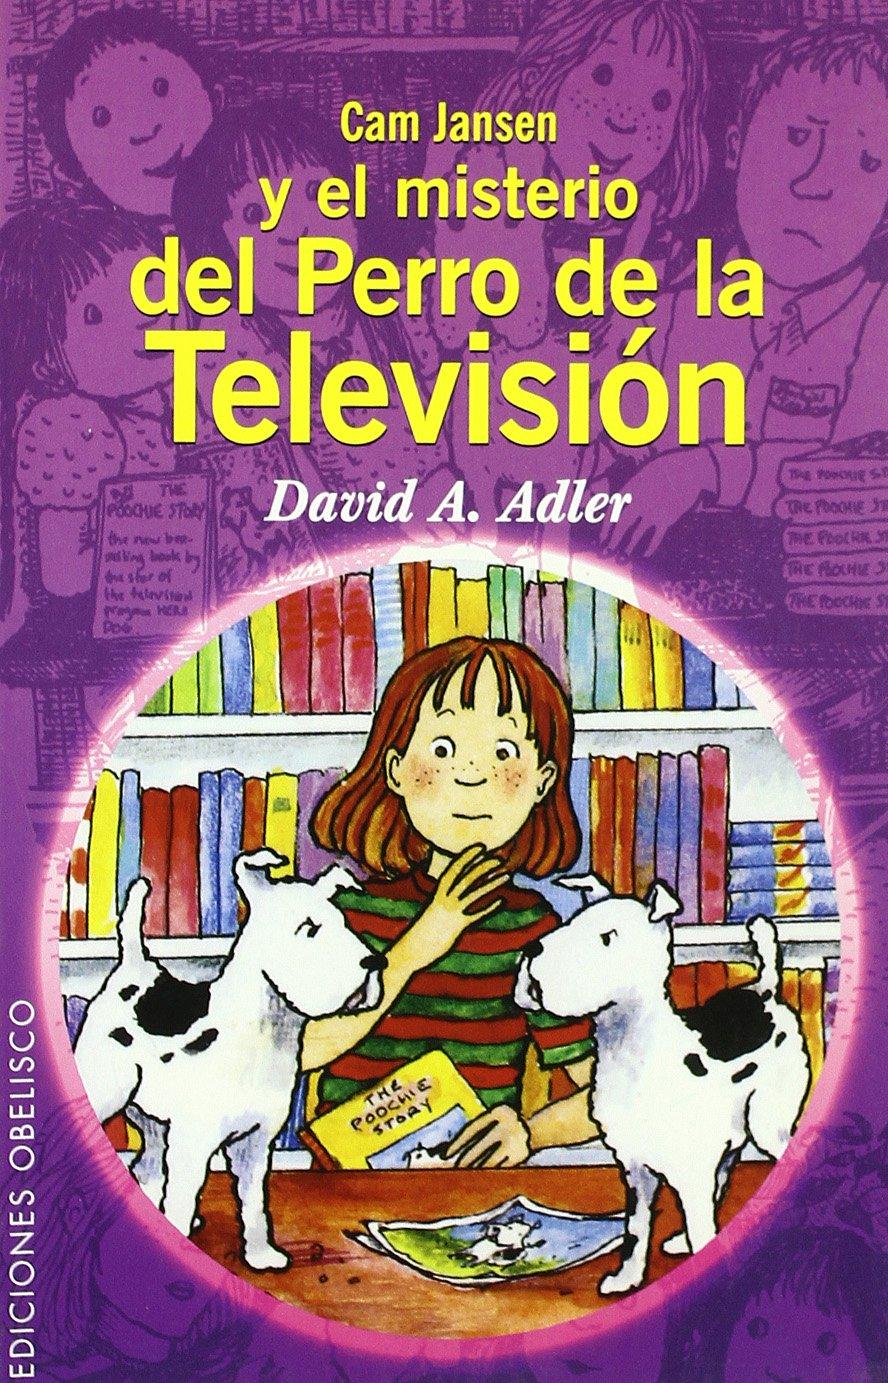 Cam Jansen y el misterio del perro de la televisión INFANTILES - 9788497771917: Amazon.es: DAVID A. ADLER: Libros